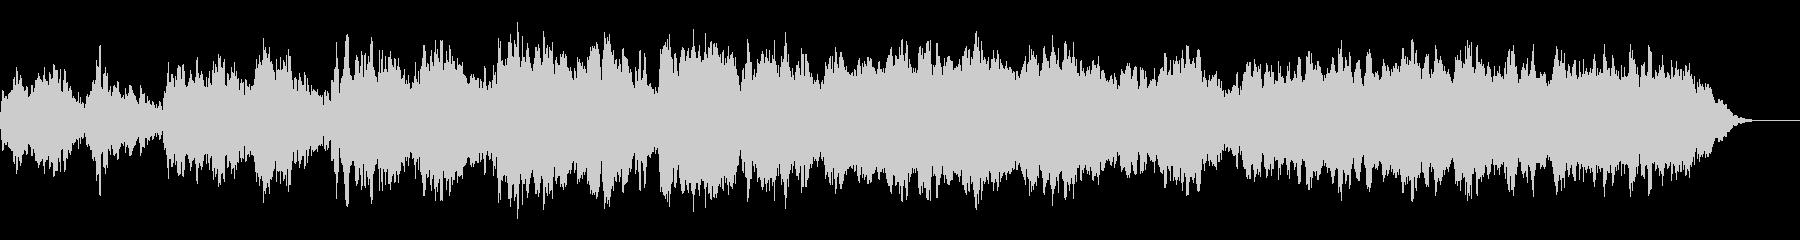 女声多重録音の宗教音楽(アカペラ)の未再生の波形